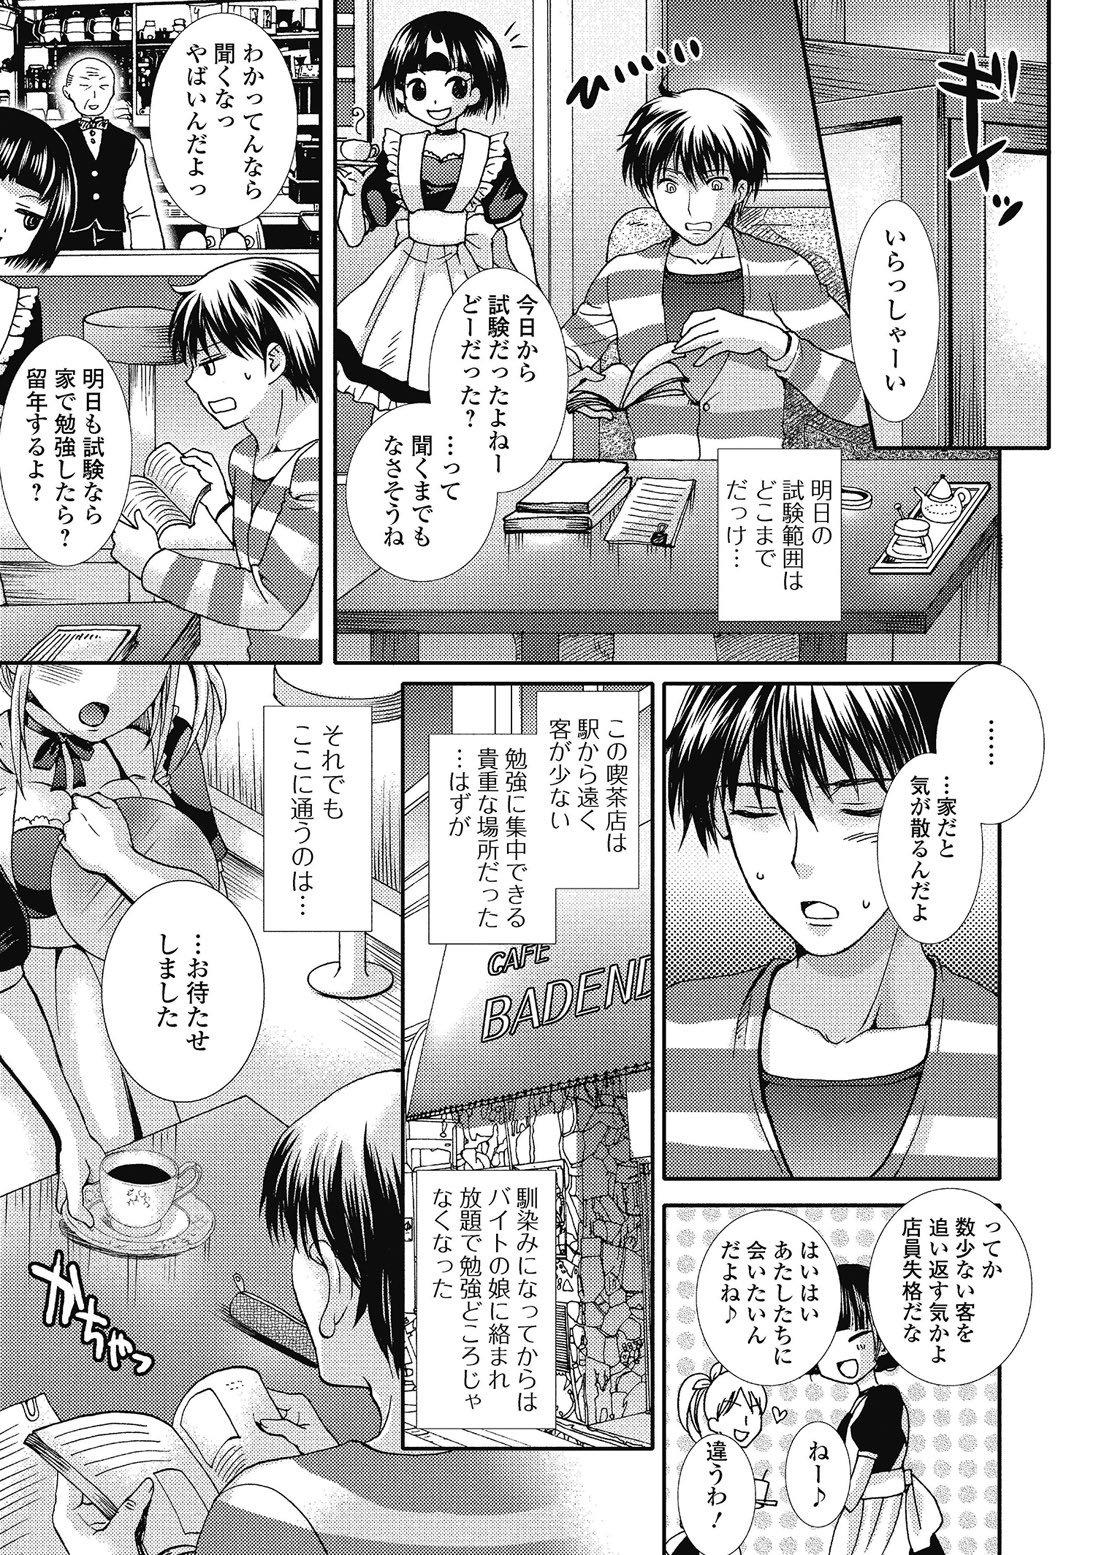 [林田虎之助] 僕とあの子がいつものカフェで (1)